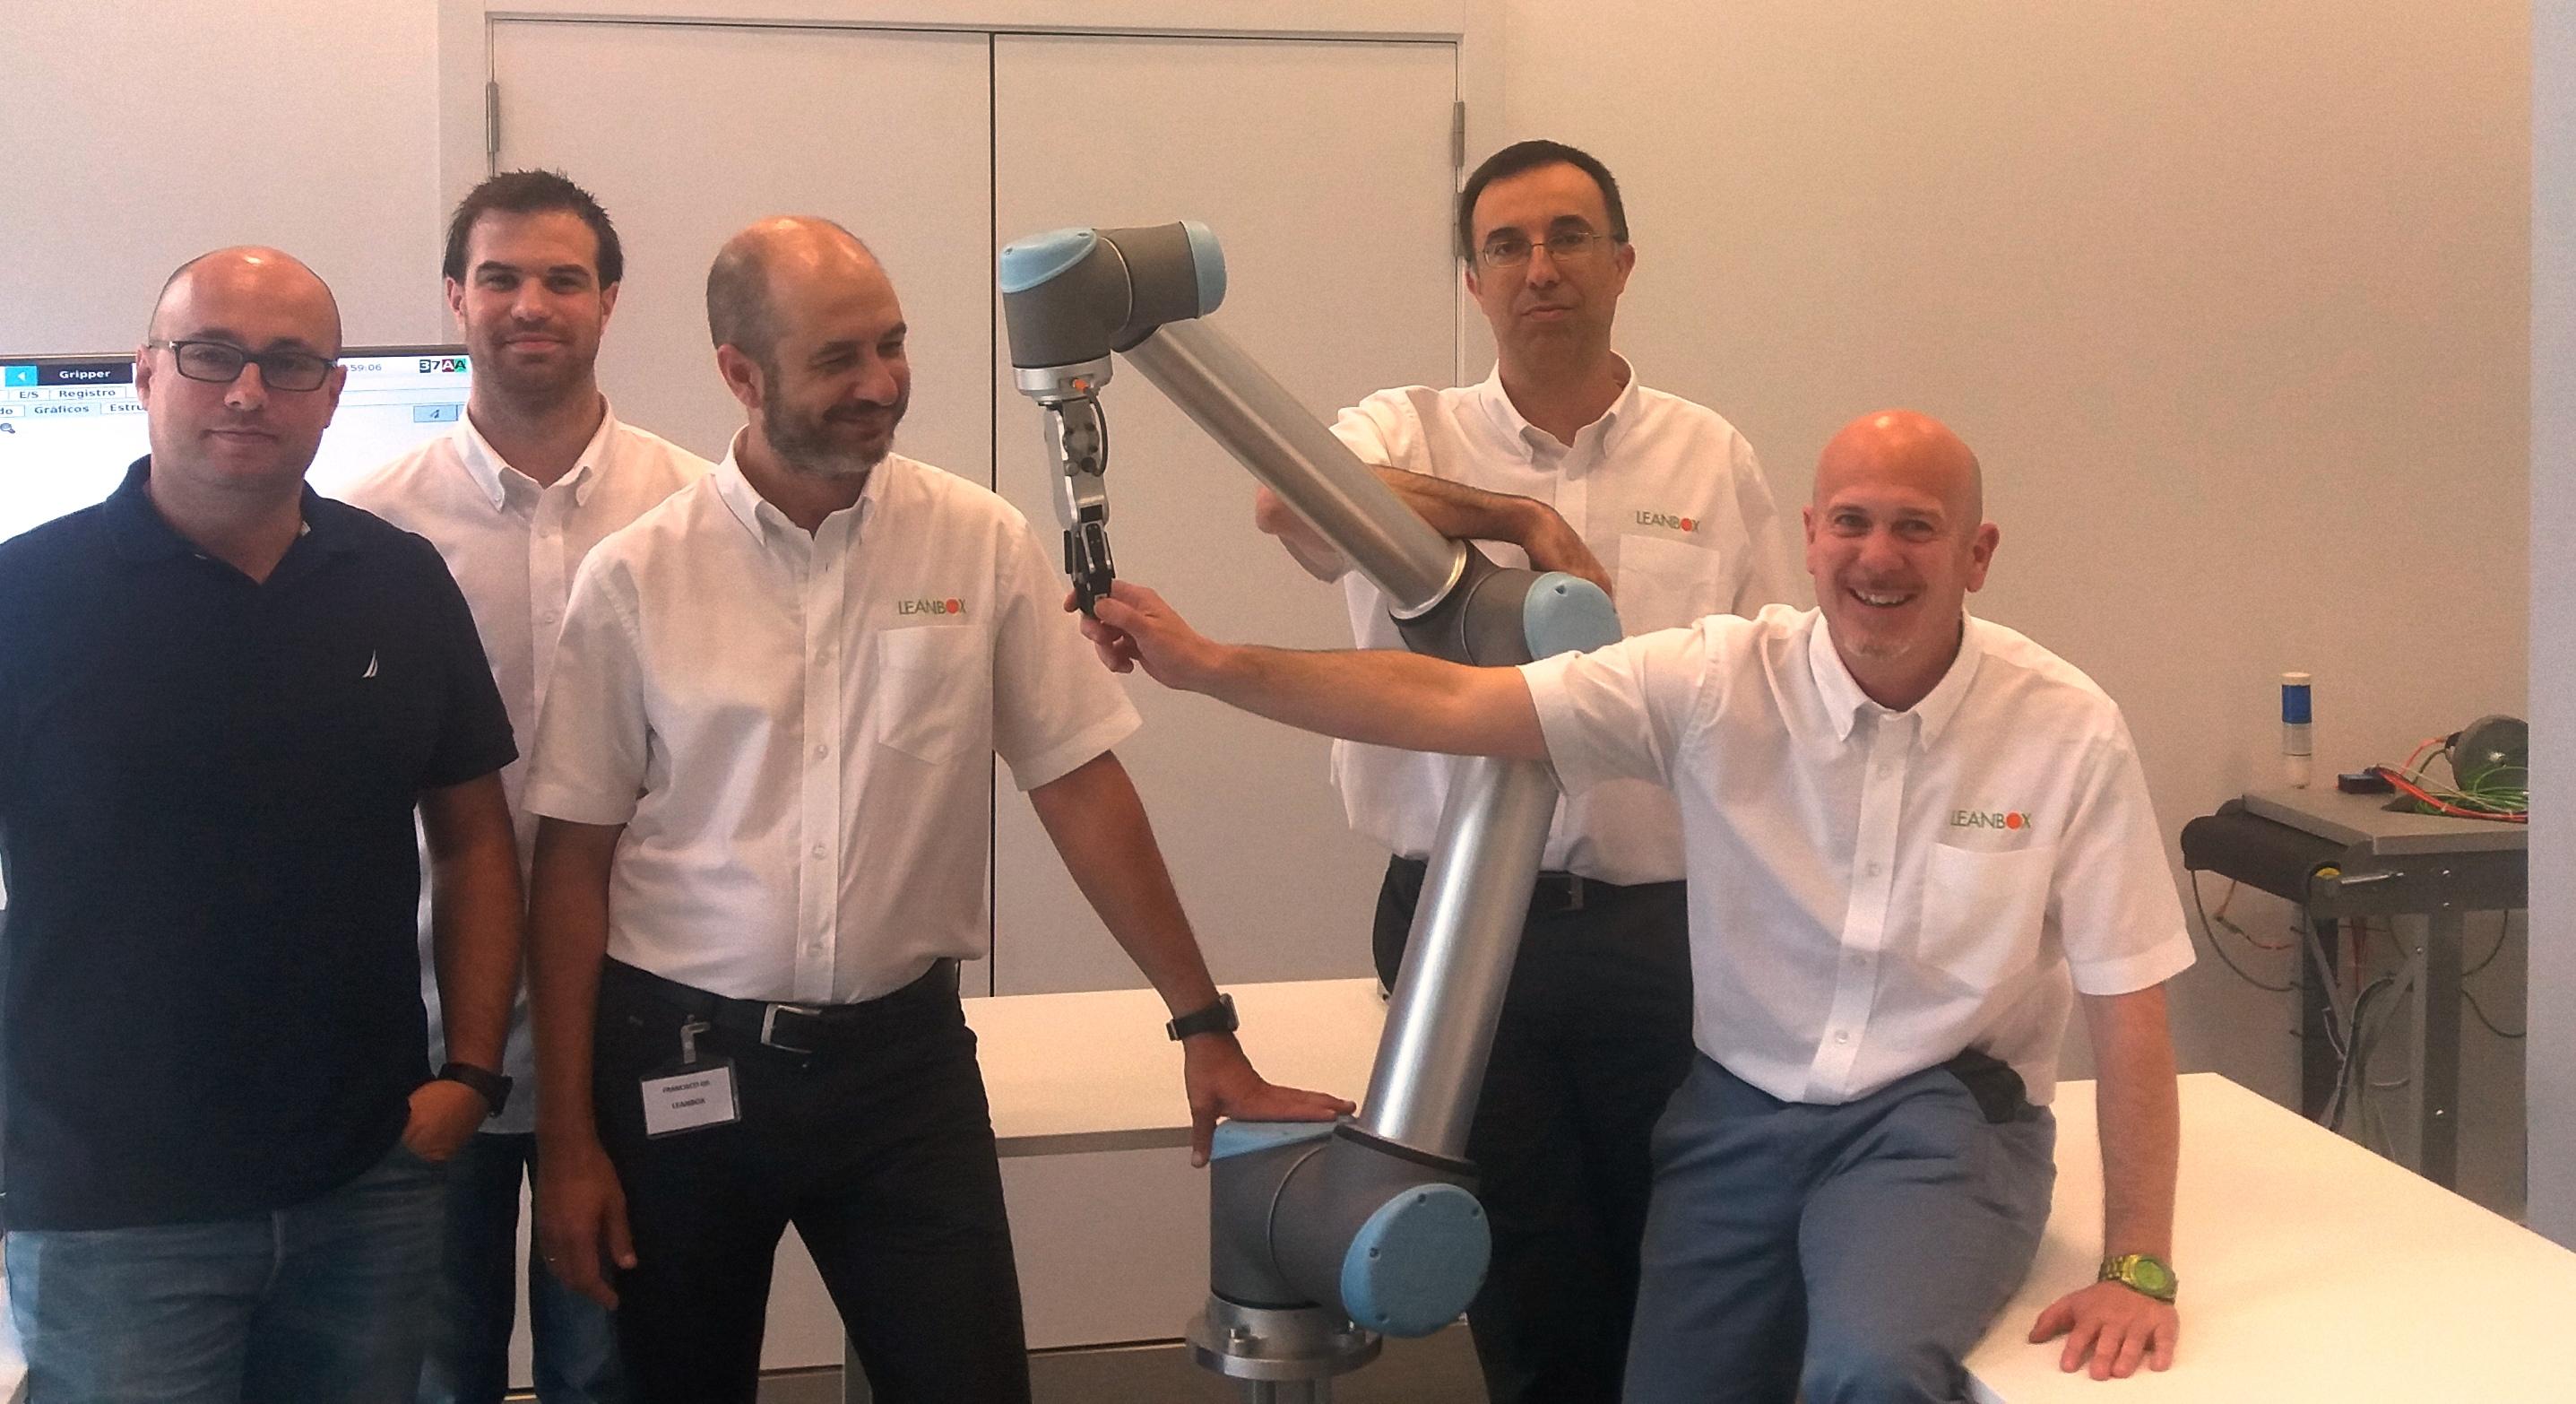 Equipo de leanbox con robot calaborativo